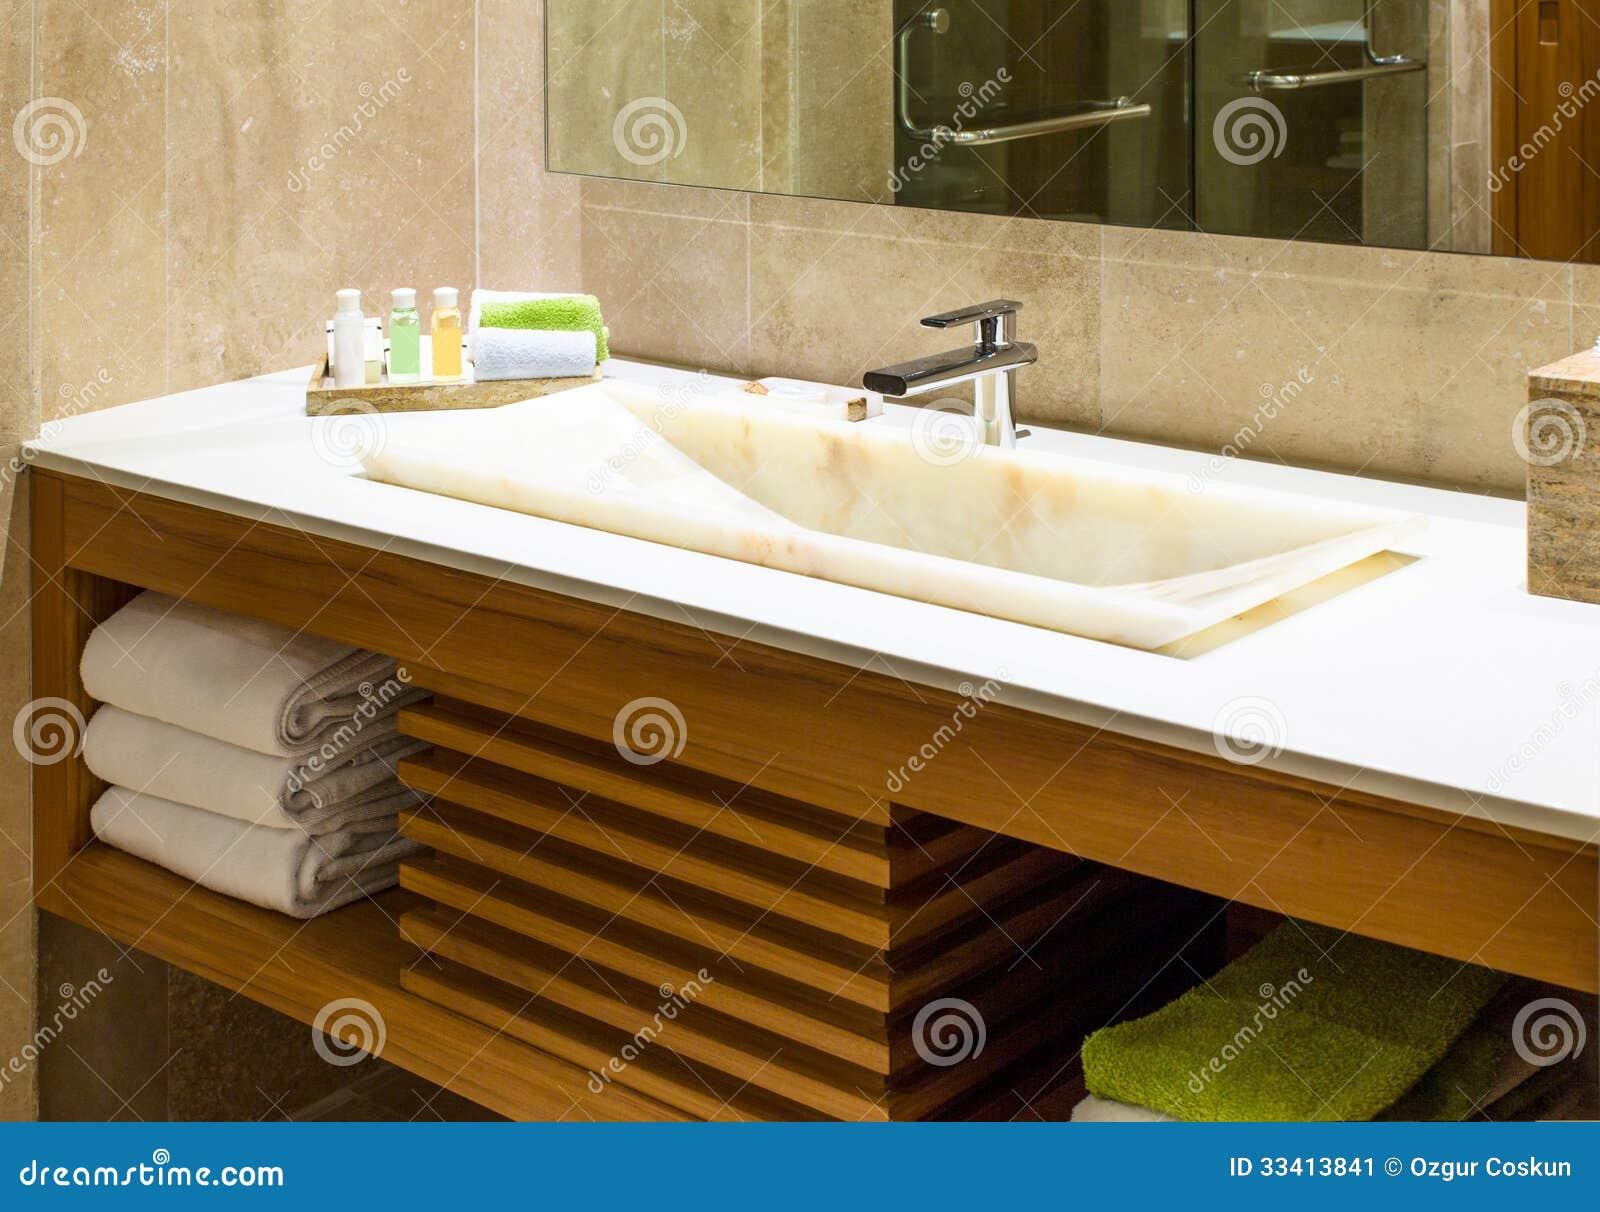 Baños Modernos Marmol:Lavabo de mano de mármol moderno del lavado en un cuarto de baño del